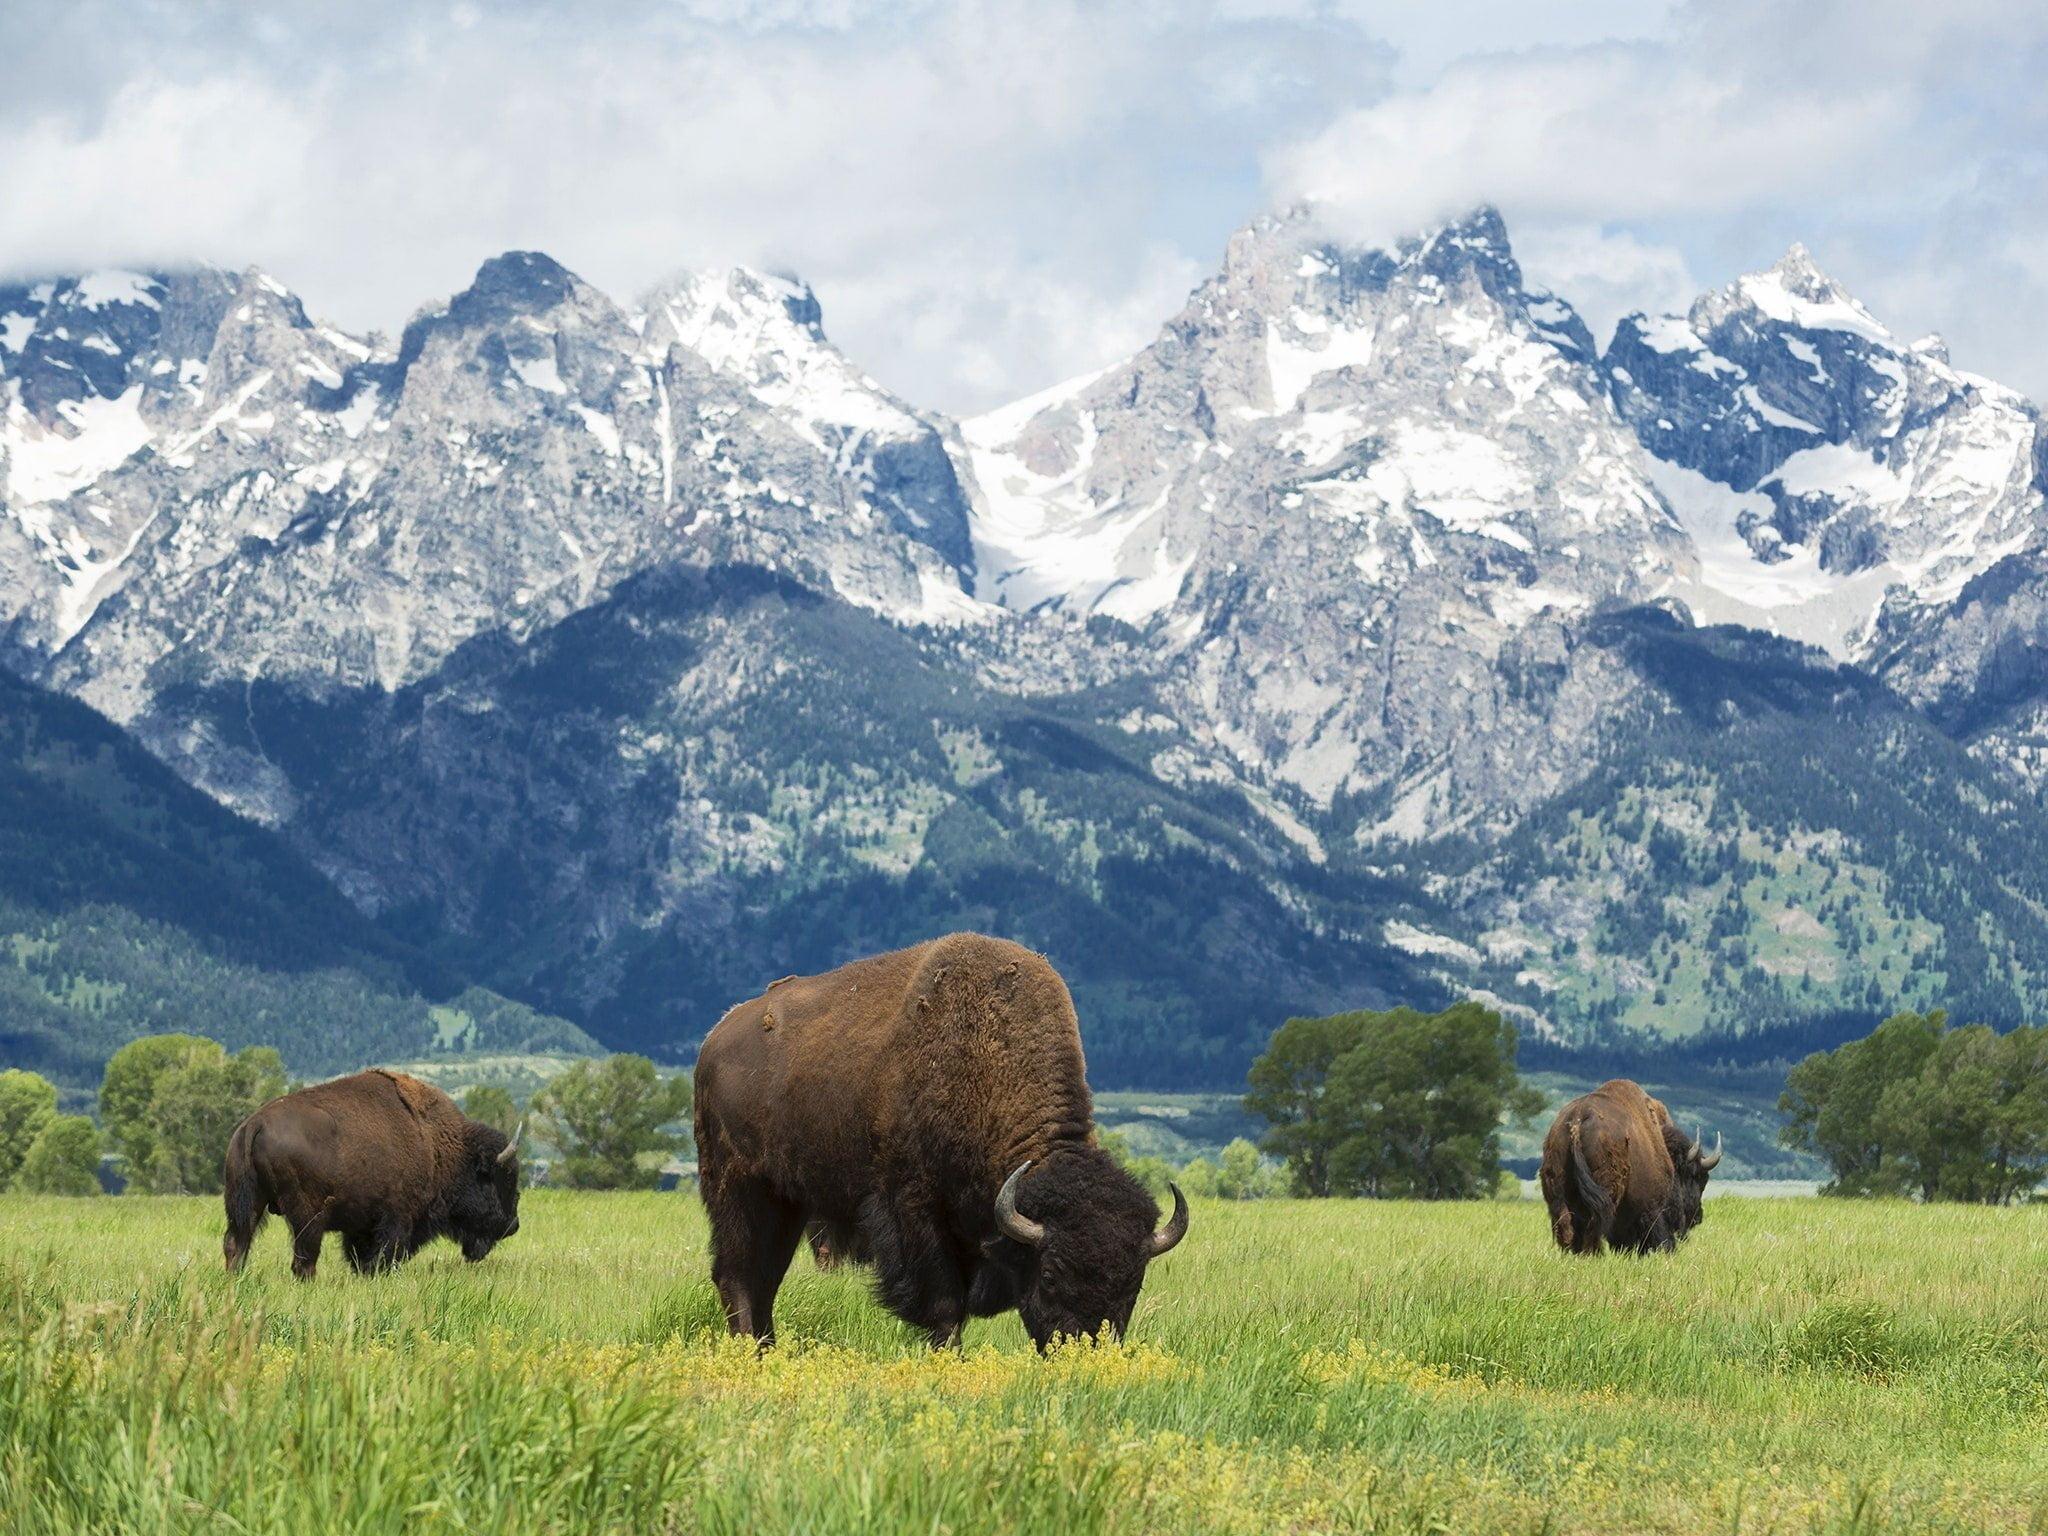 Bison d'Amérique du Nord qui broutent dans une prairie montagneuse